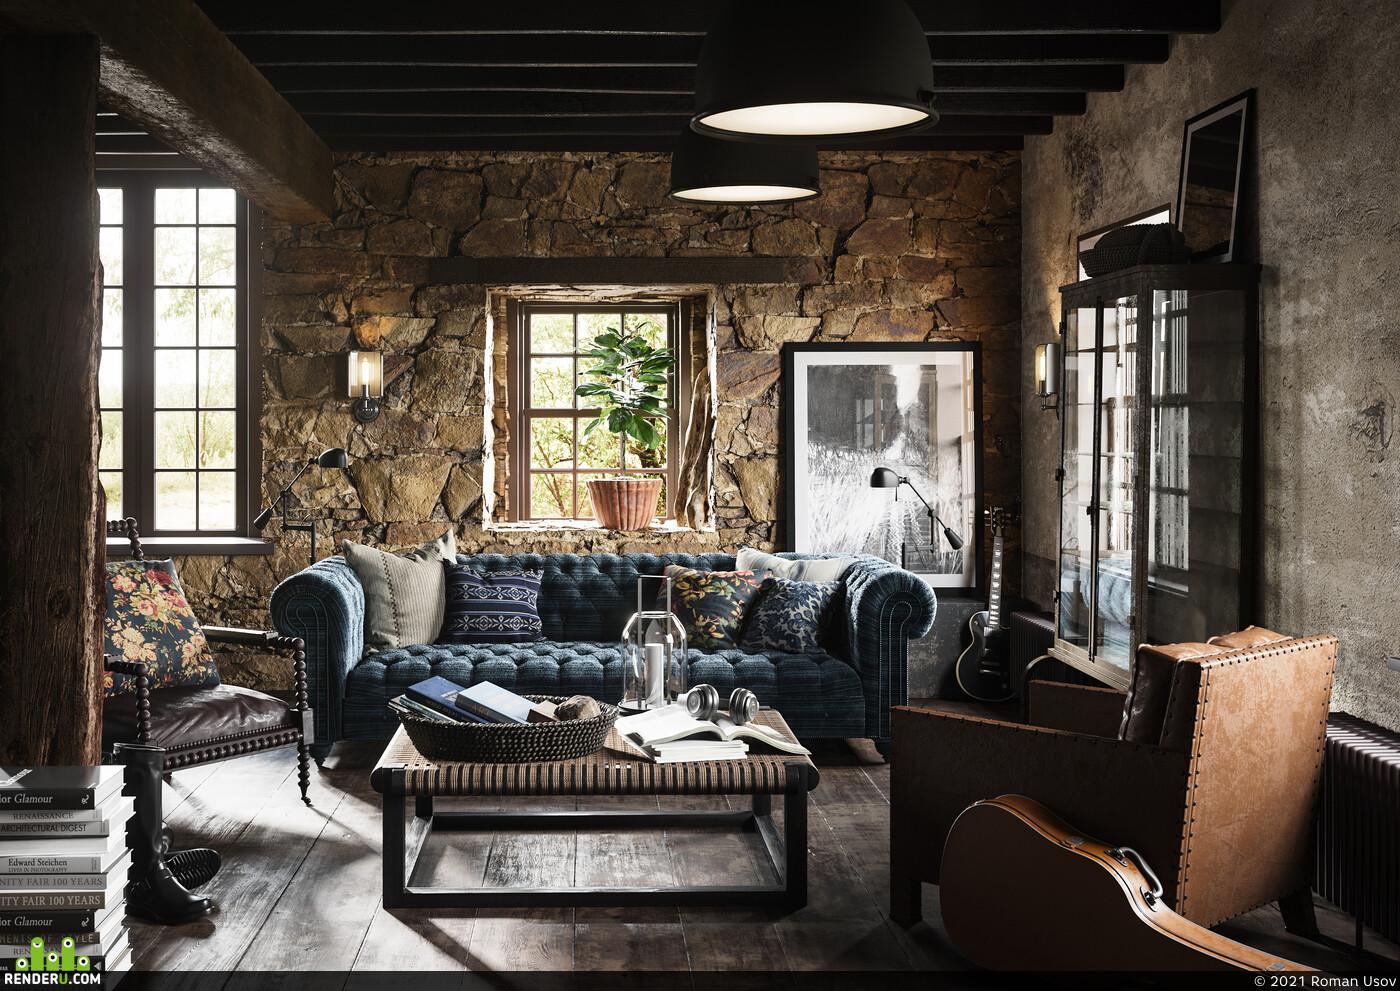 ARCHITECTURAL VISUALIZATION REAL, interior design